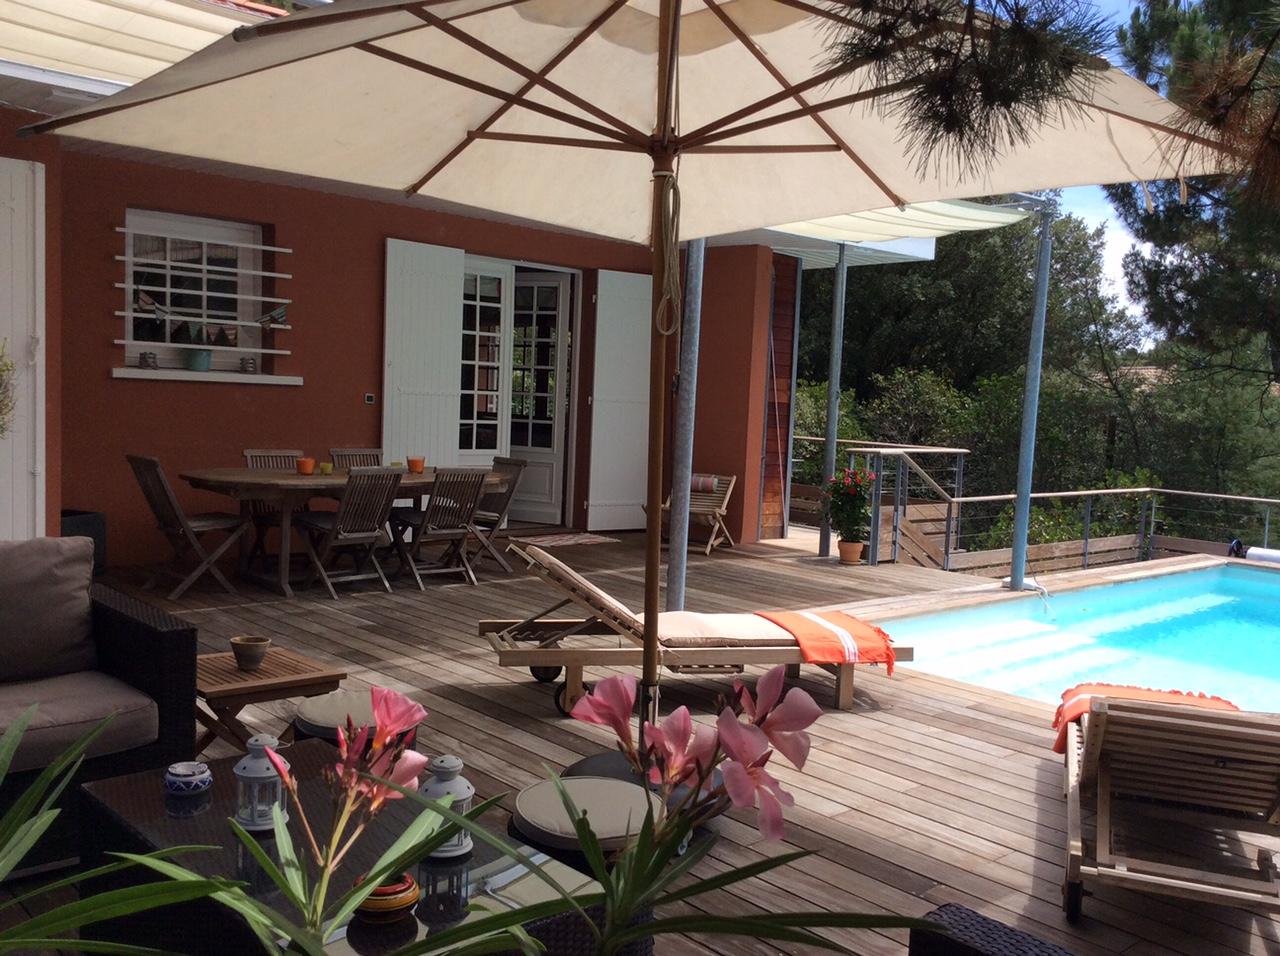 Le Moulleau - Villa de vacances à louer proche plage 12 personnes